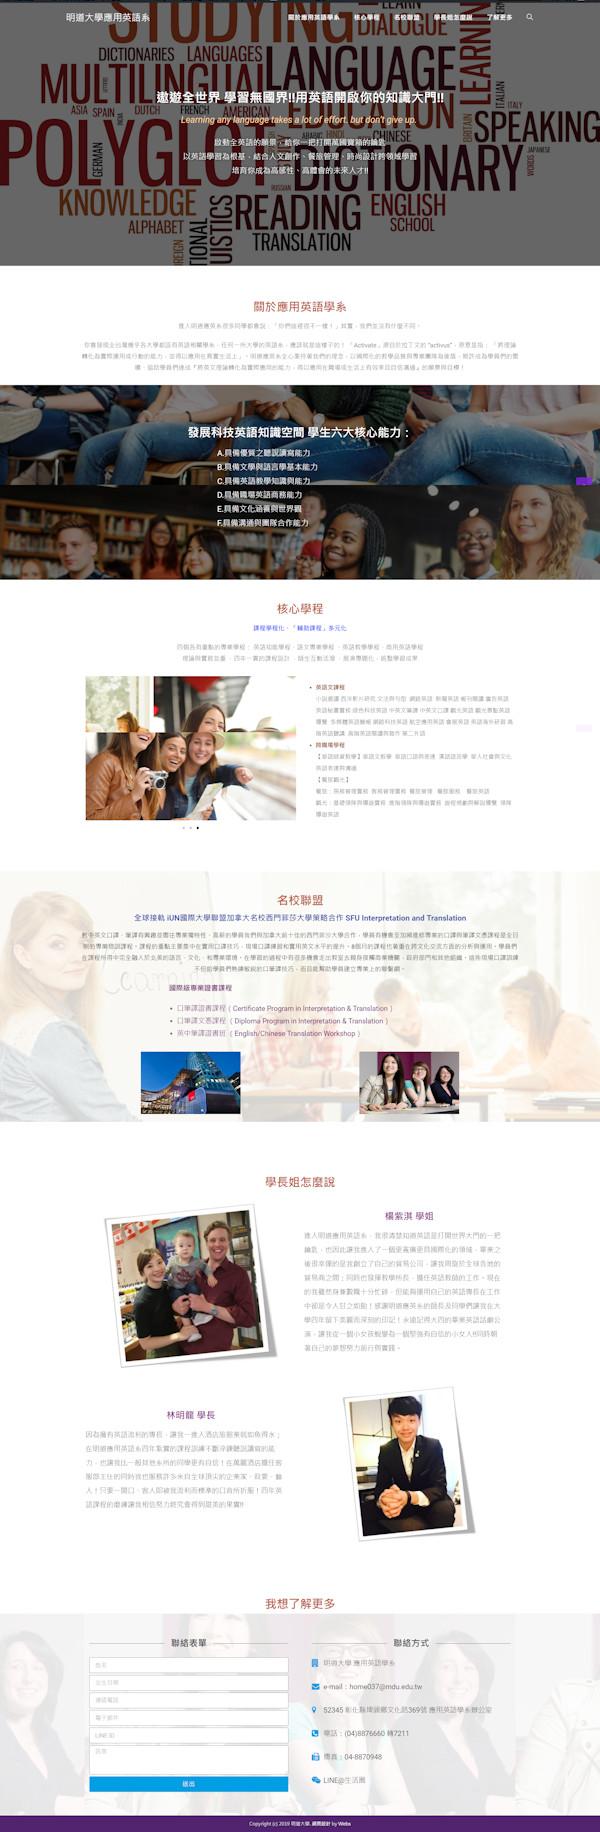 網頁設計-應用英語系1